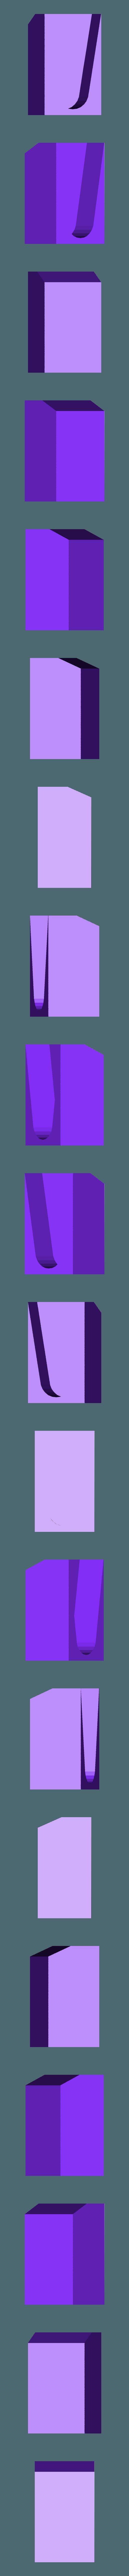 support_cam_3.stl Télécharger fichier STL gratuit Support picam Davinci AiO • Objet imprimable en 3D, bricodx